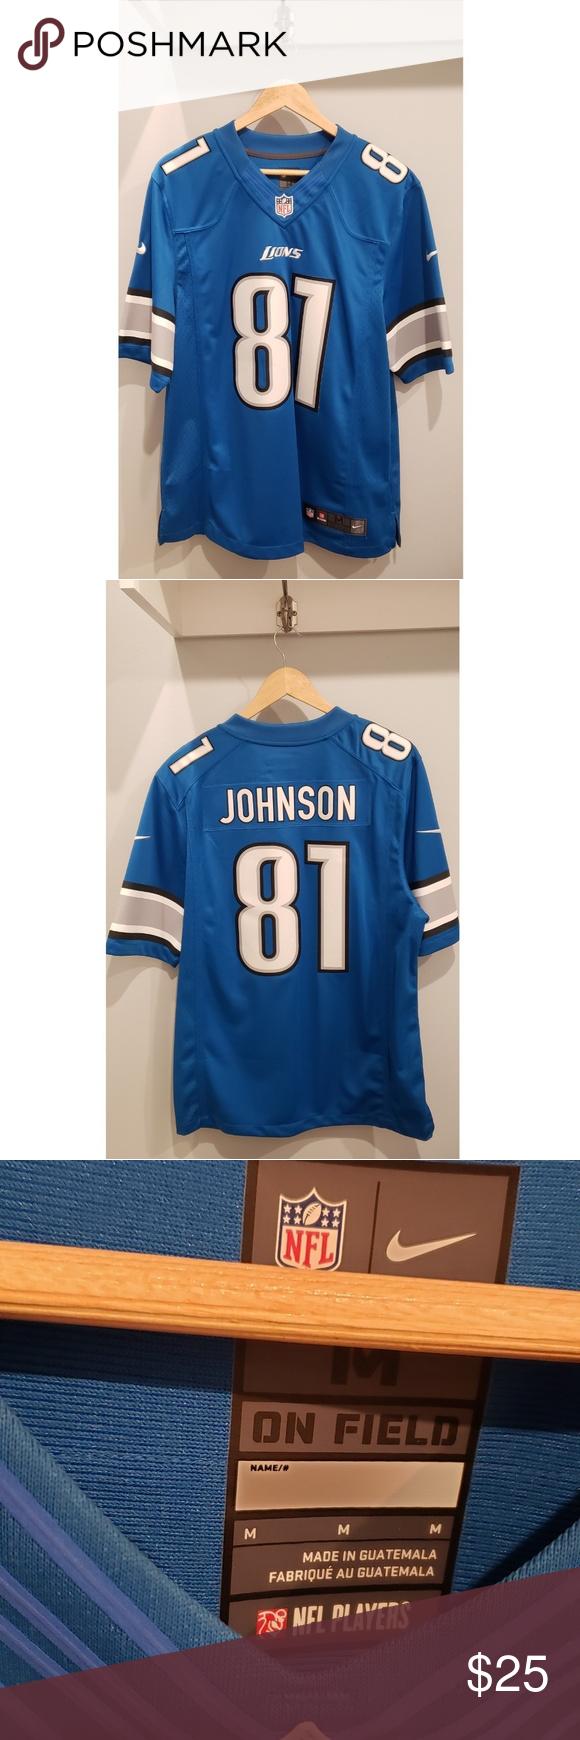 On Field NFL Jersey / LIONS | Nike shirts, Nfl jerseys, Jersey